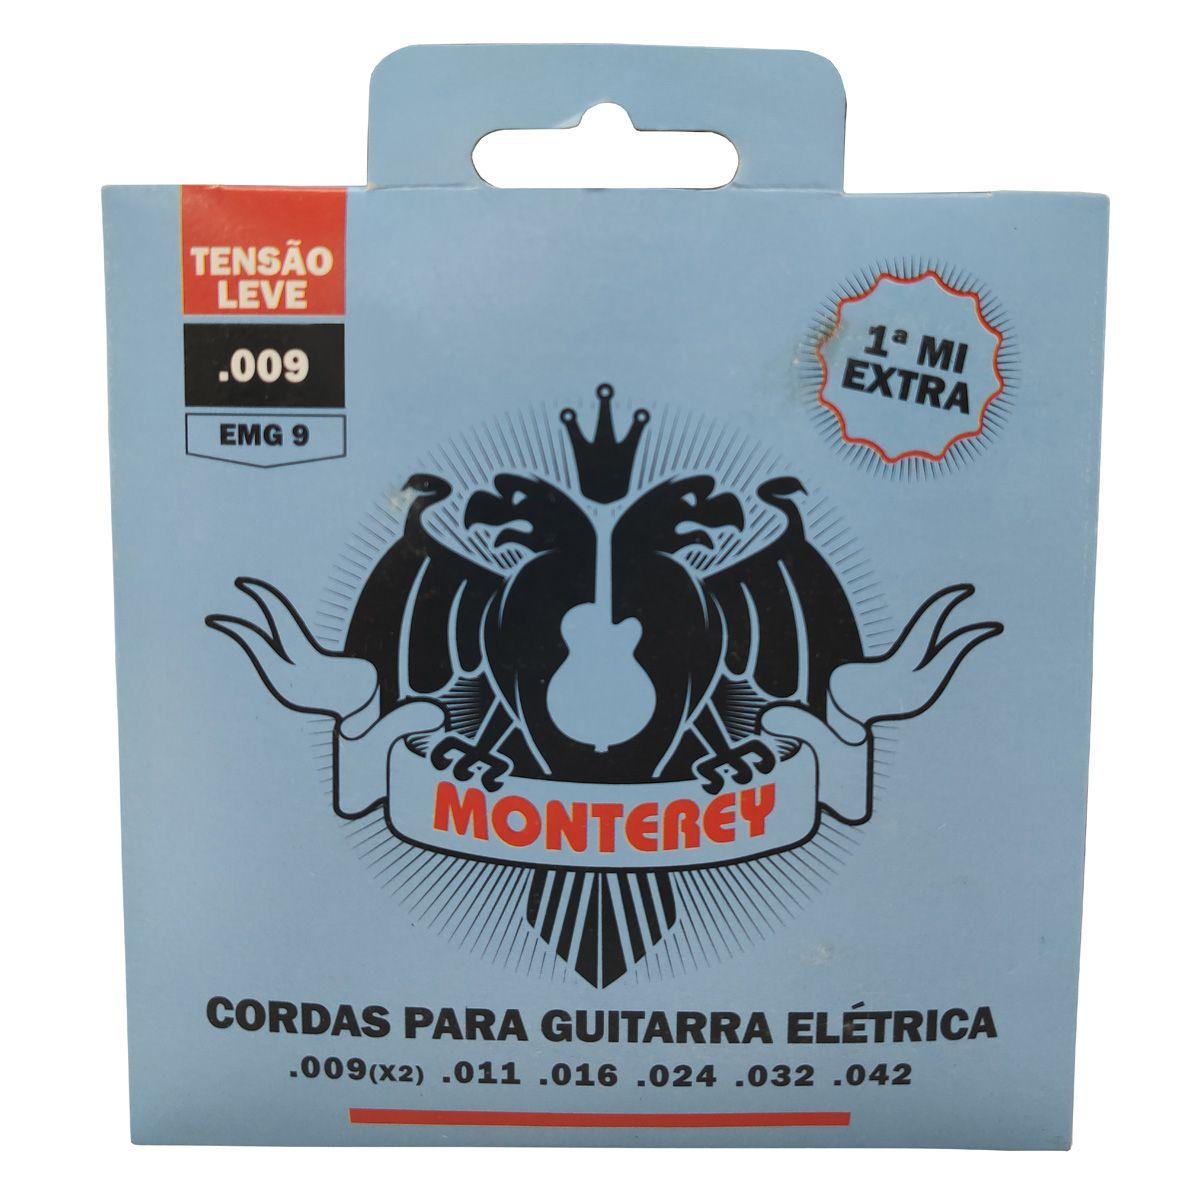 Jogo de Cordas p/ Guitarra 009 - Monterey (1 Corda Extra)  - RS Som e Luz!